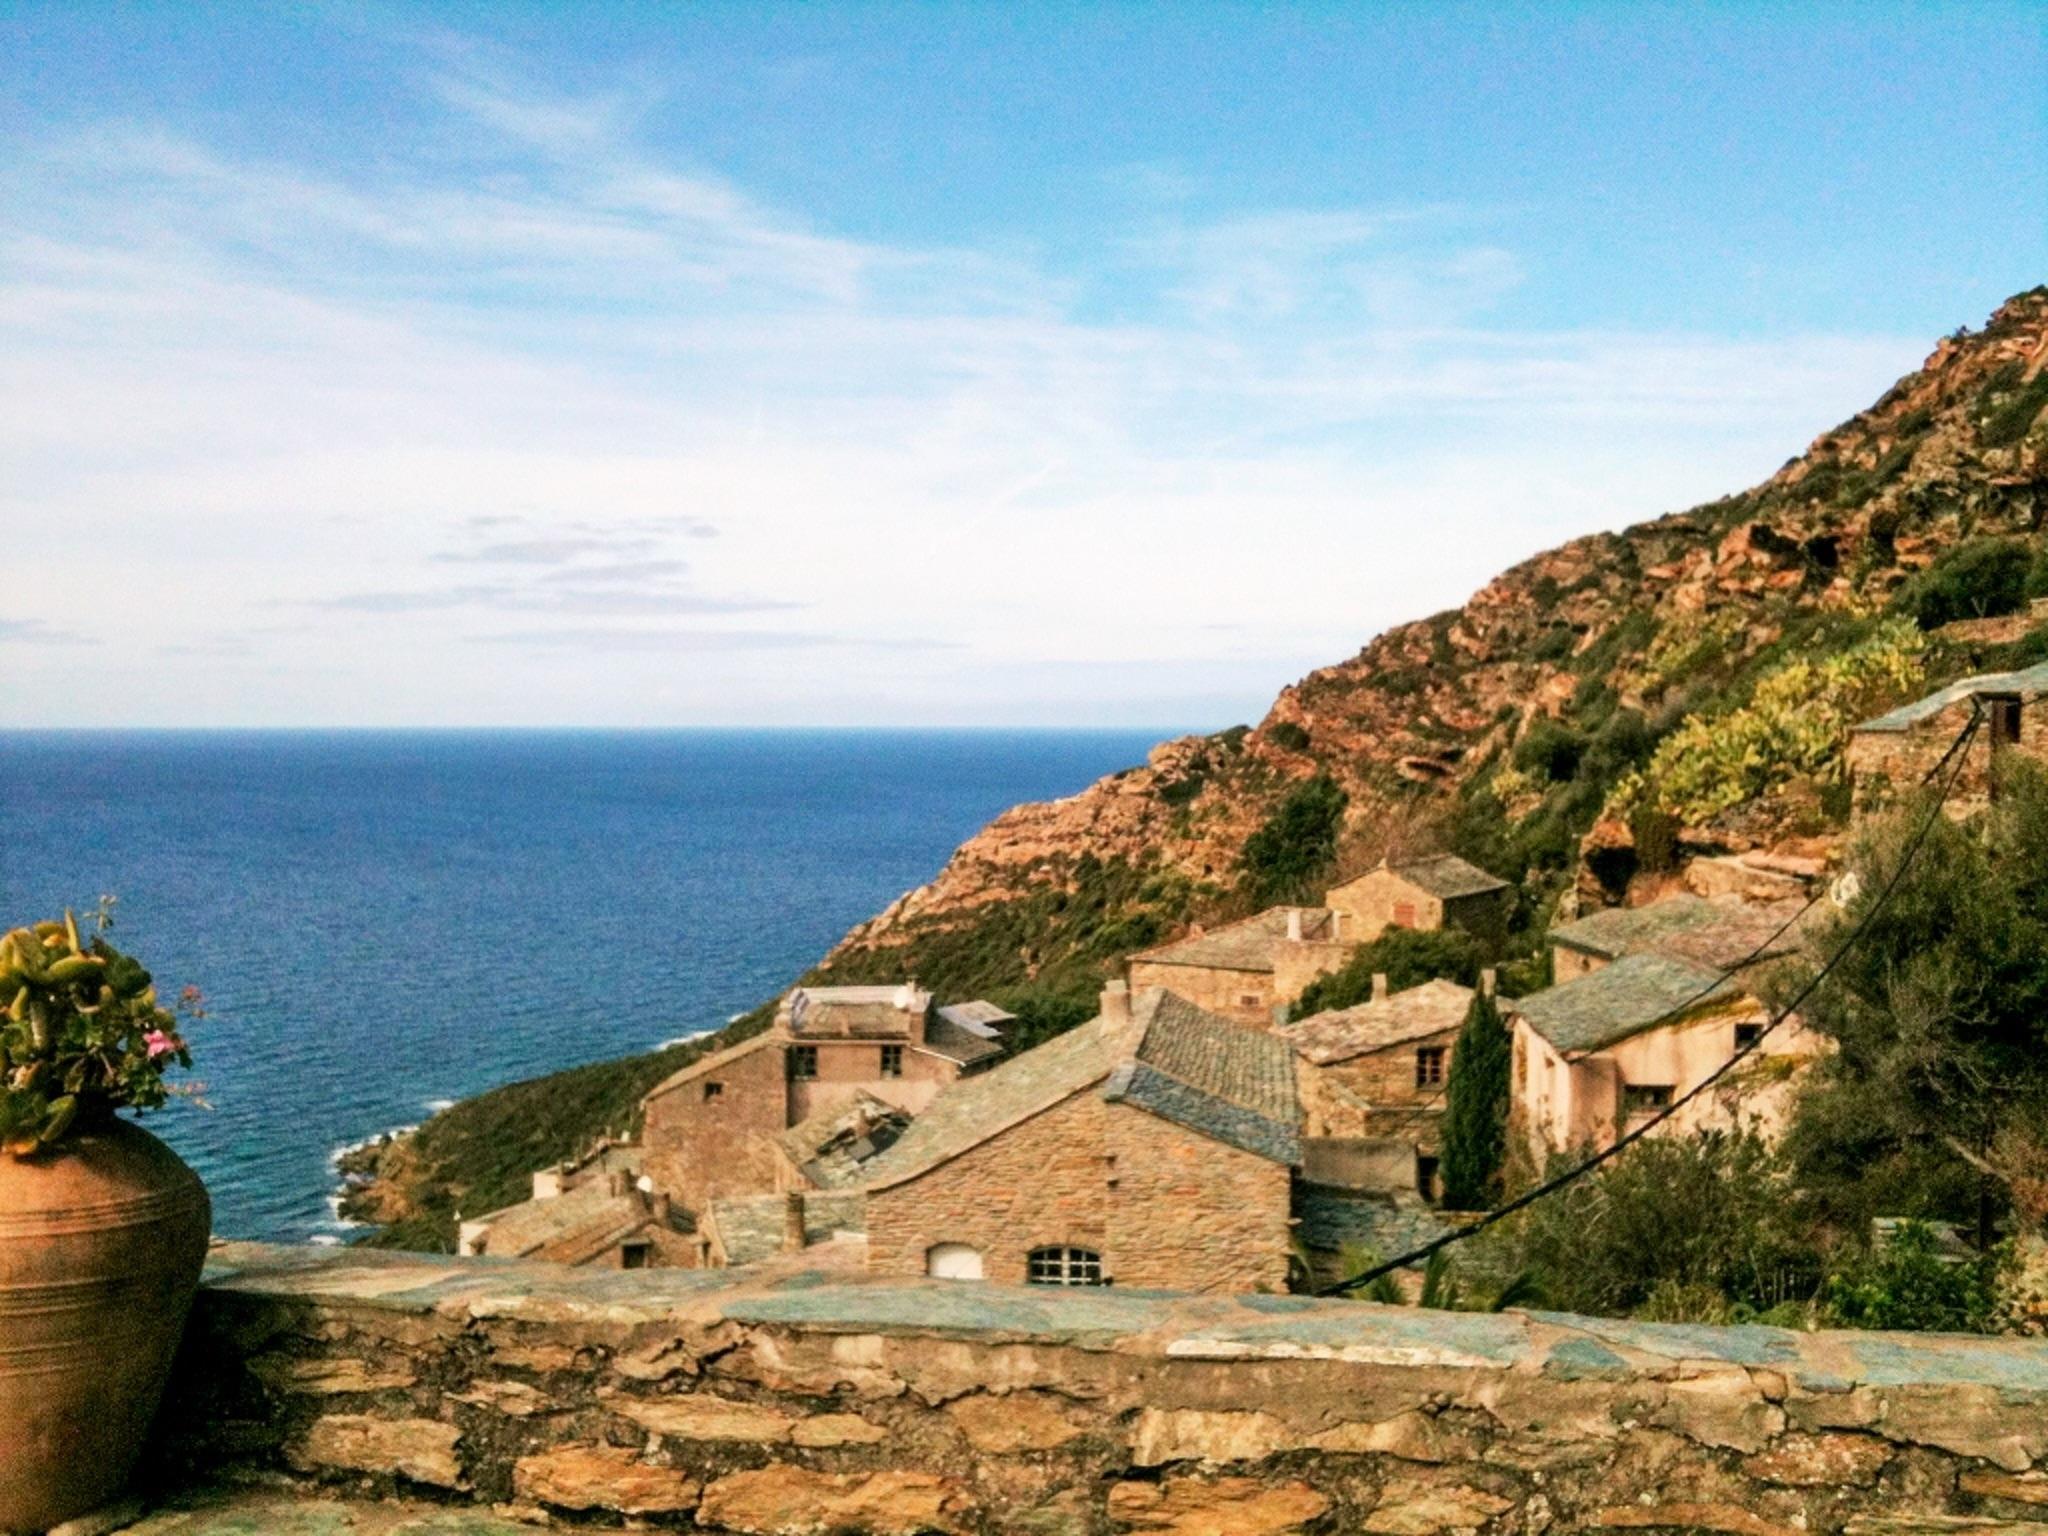 Ferienhaus Herrliches Haus mit neun Schlafzimmern und grandiosem Blick aufs Meer im hübschen Dörfchen (2202571), Centuri, Nordkorsika, Korsika, Frankreich, Bild 3